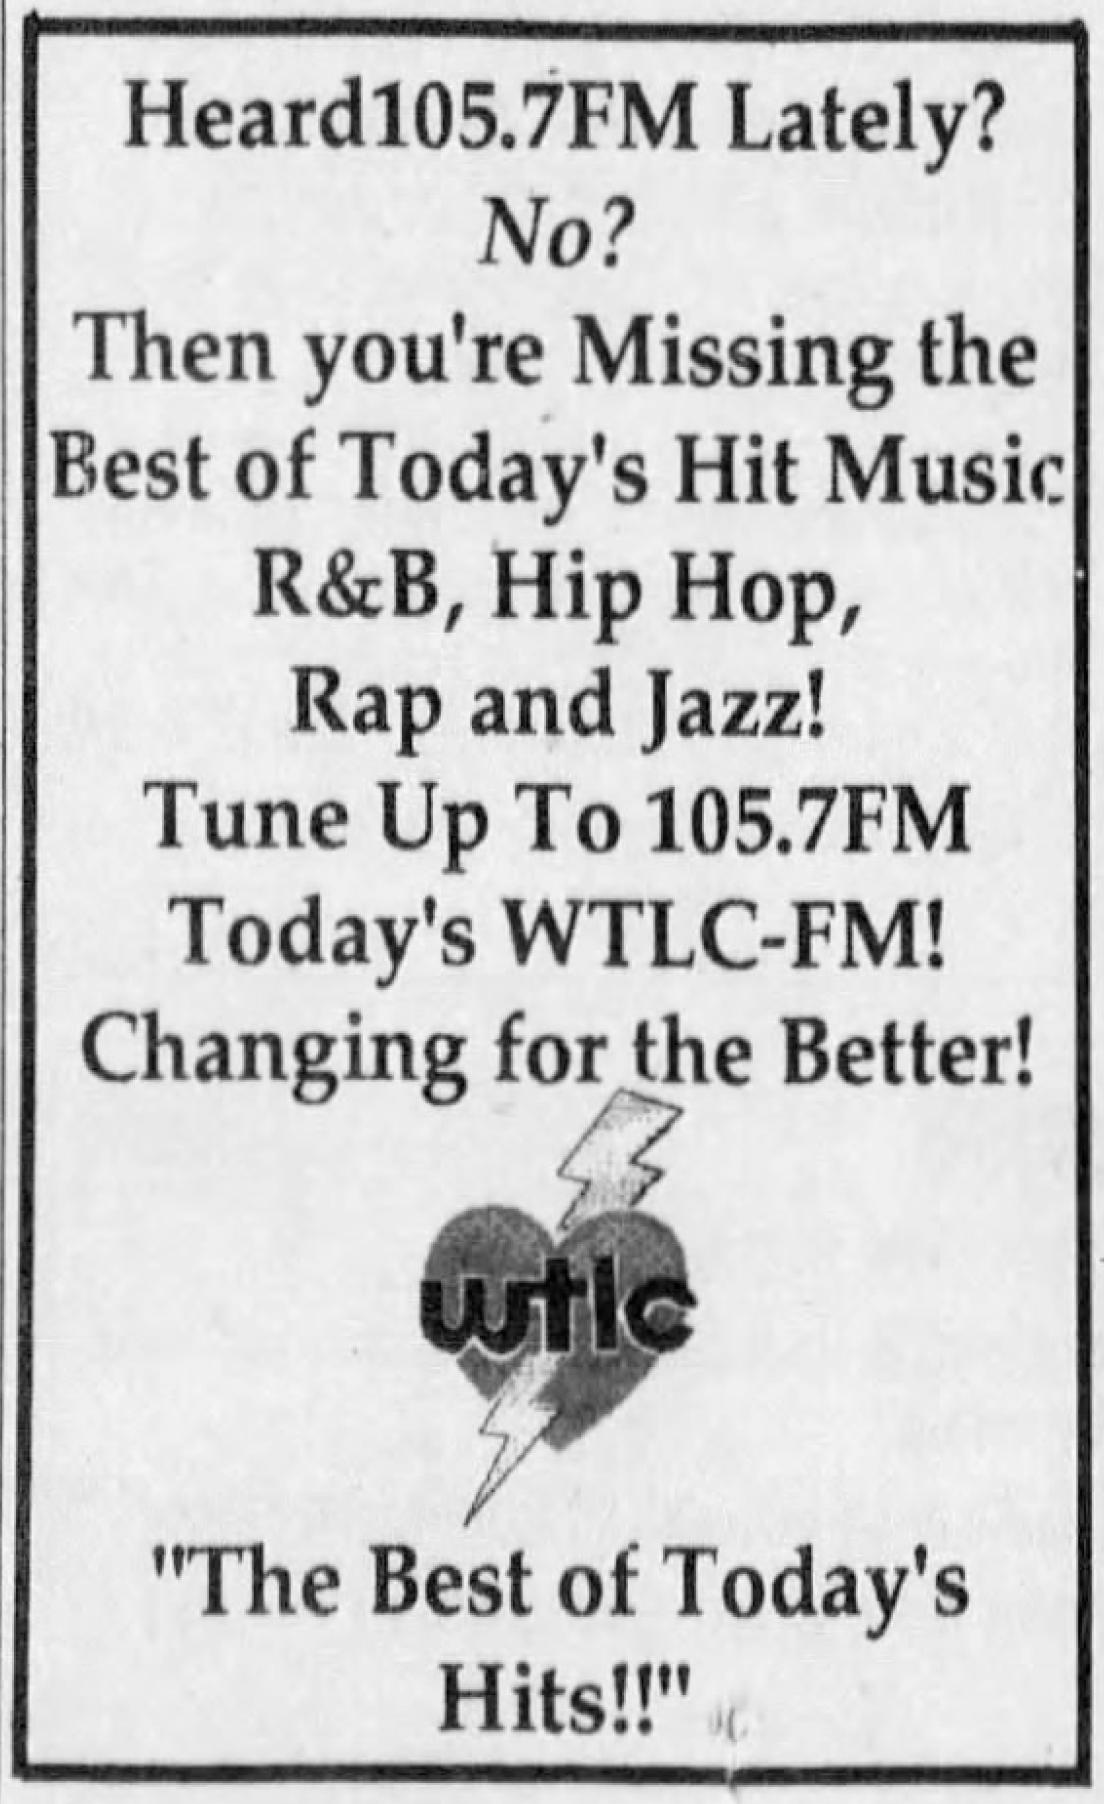 Classic WTLC Headlines [PHOTOS]